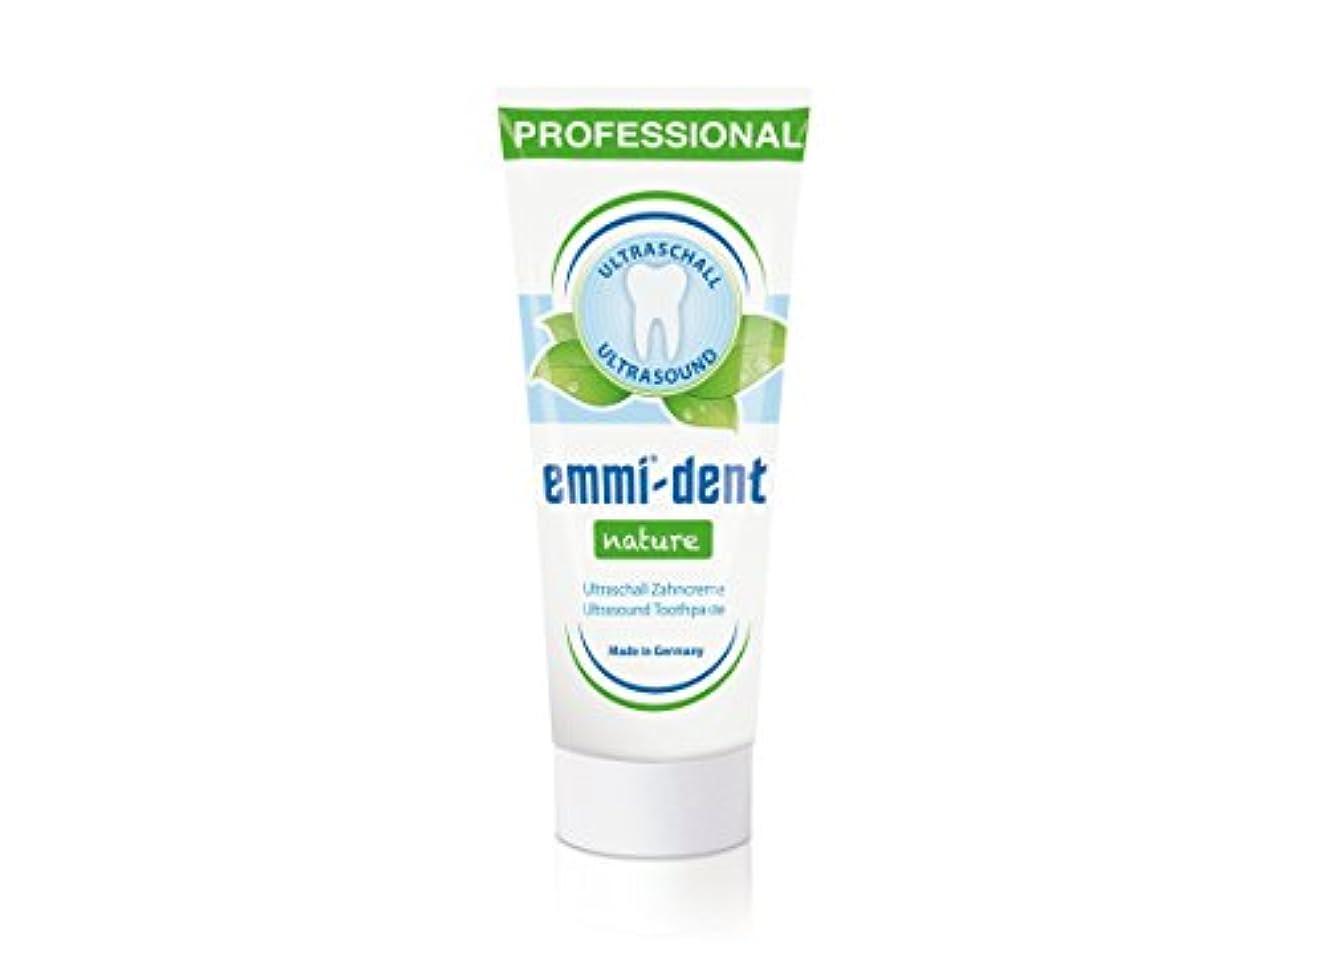 カブ受け入れる知るEmmi−dent(エミデント) 超音波歯ブラシ専用 歯磨きペースト エミデント ネイチャー 75g